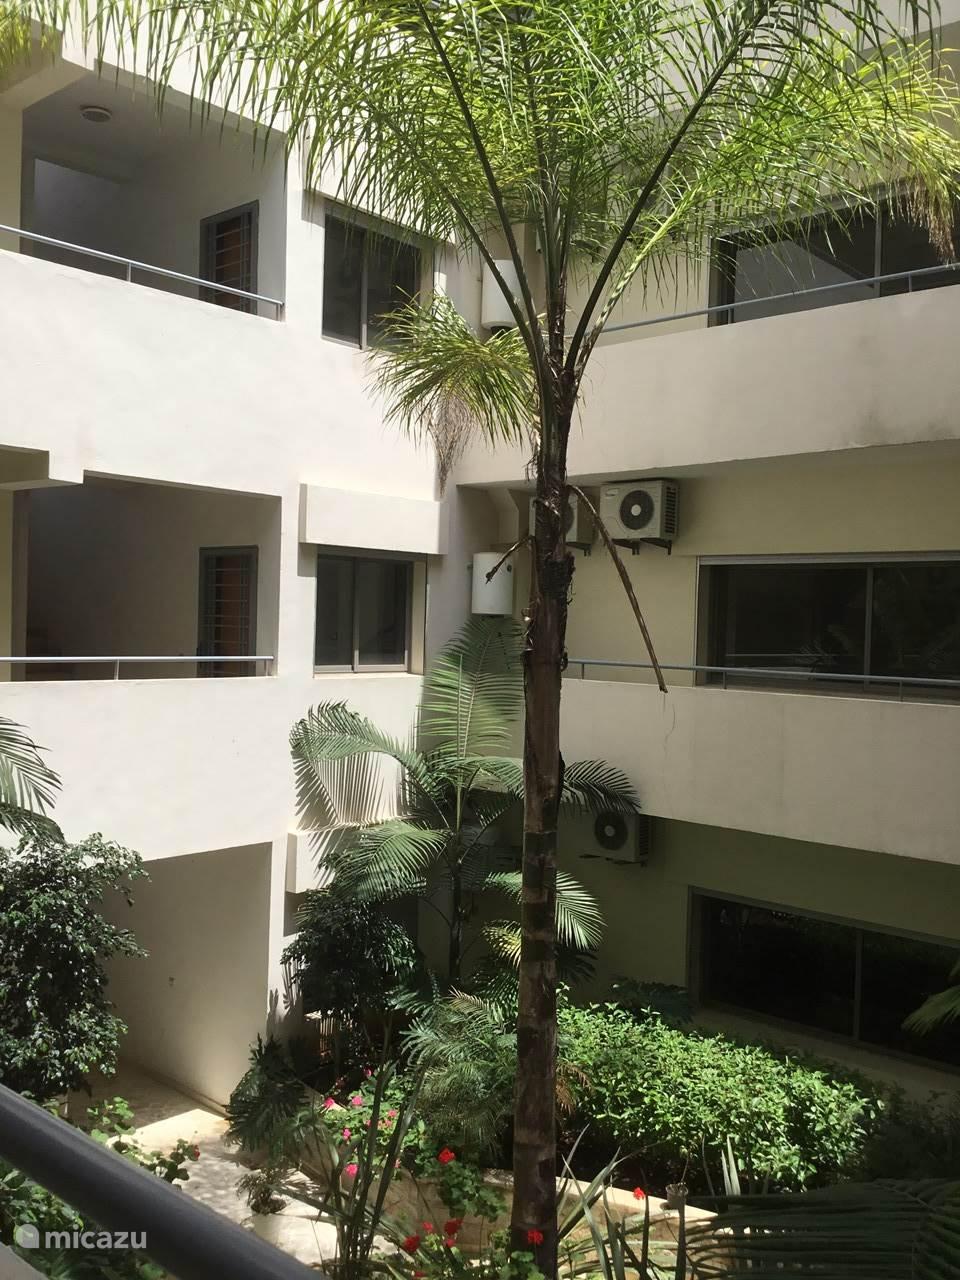 Appartement Schöne, neue und moderne Wohnung in Casablanca, Atlantikküste,  Marokko mieten? | Micazu